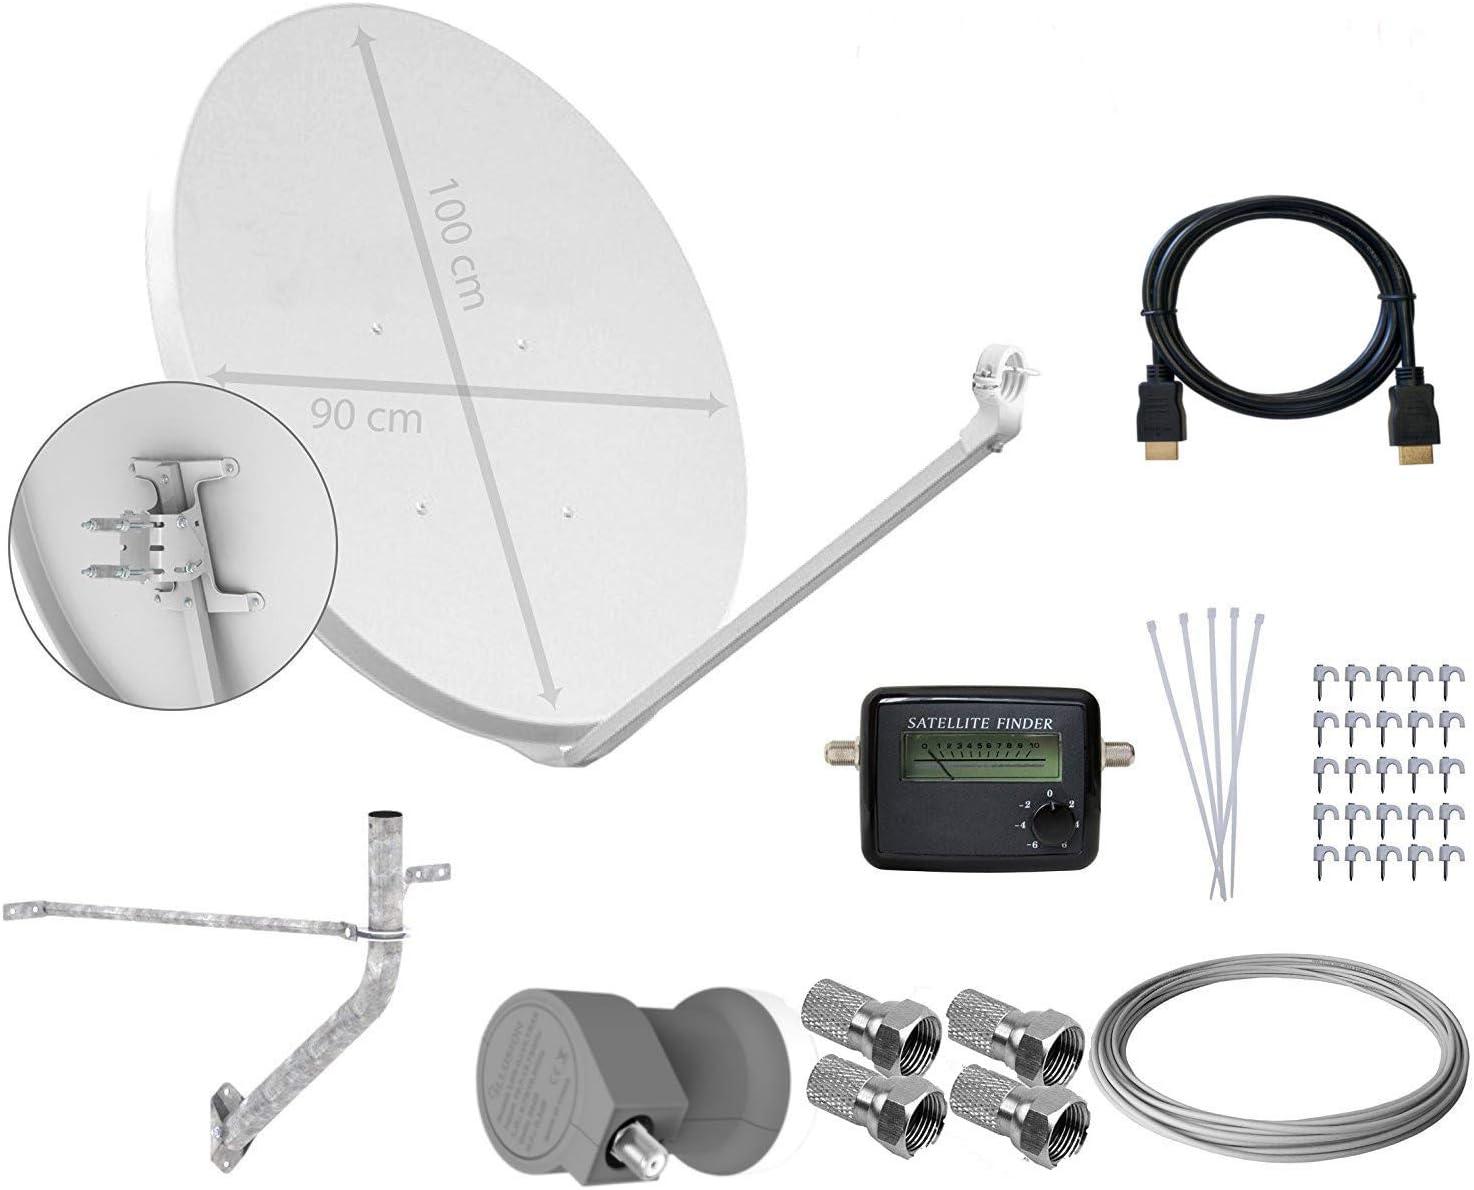 Tecatel E100C1LSCCK1 - Kit parabólica de 100 cm (Soporte, LNB Universal, Cable, Conectores, Grapas, Bridas y buscador), Color Blanco